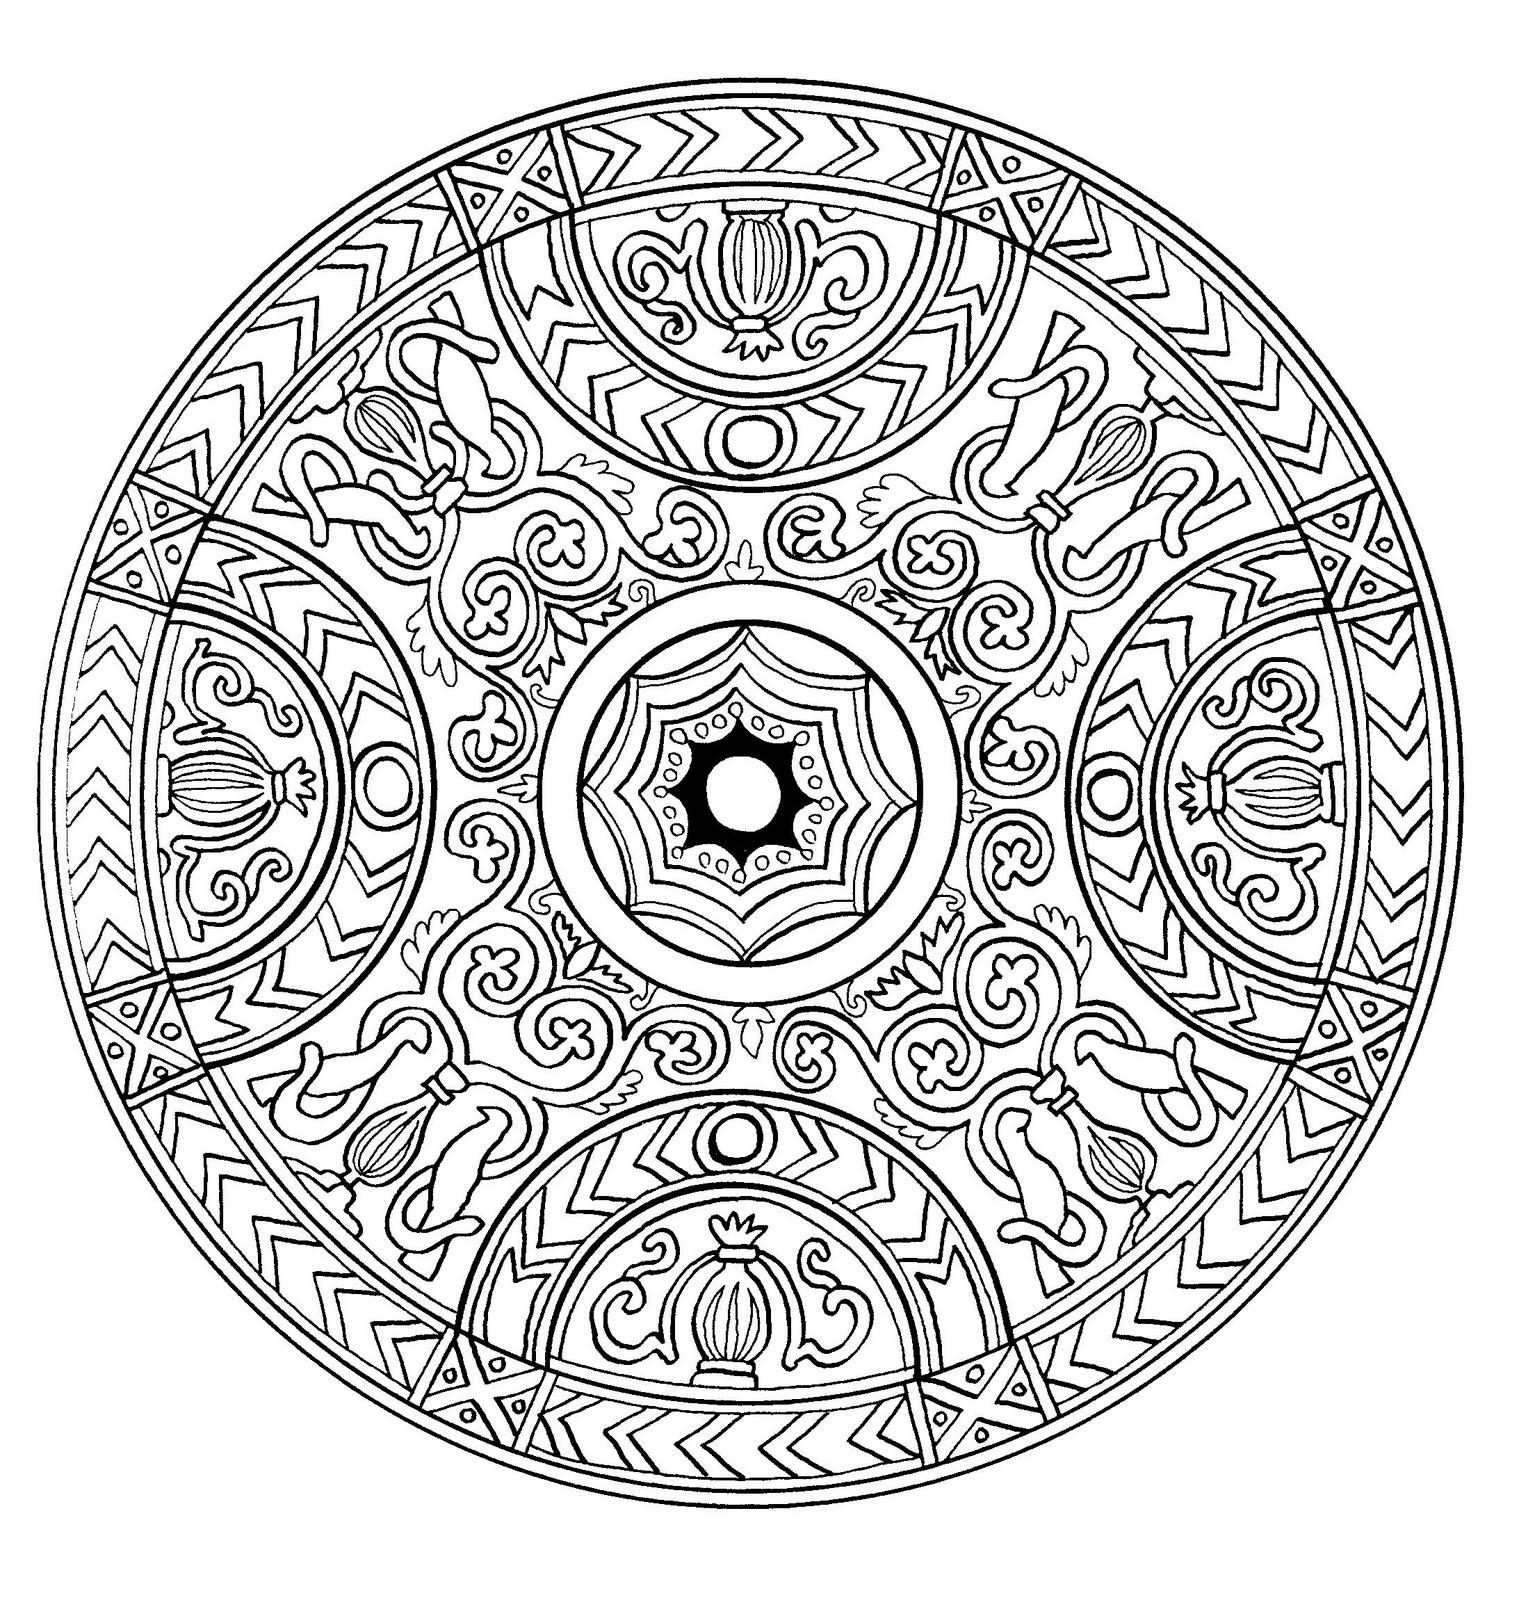 coloriage mandala assez antique avec plusieurs dtails et formes assez compliqu coloriera